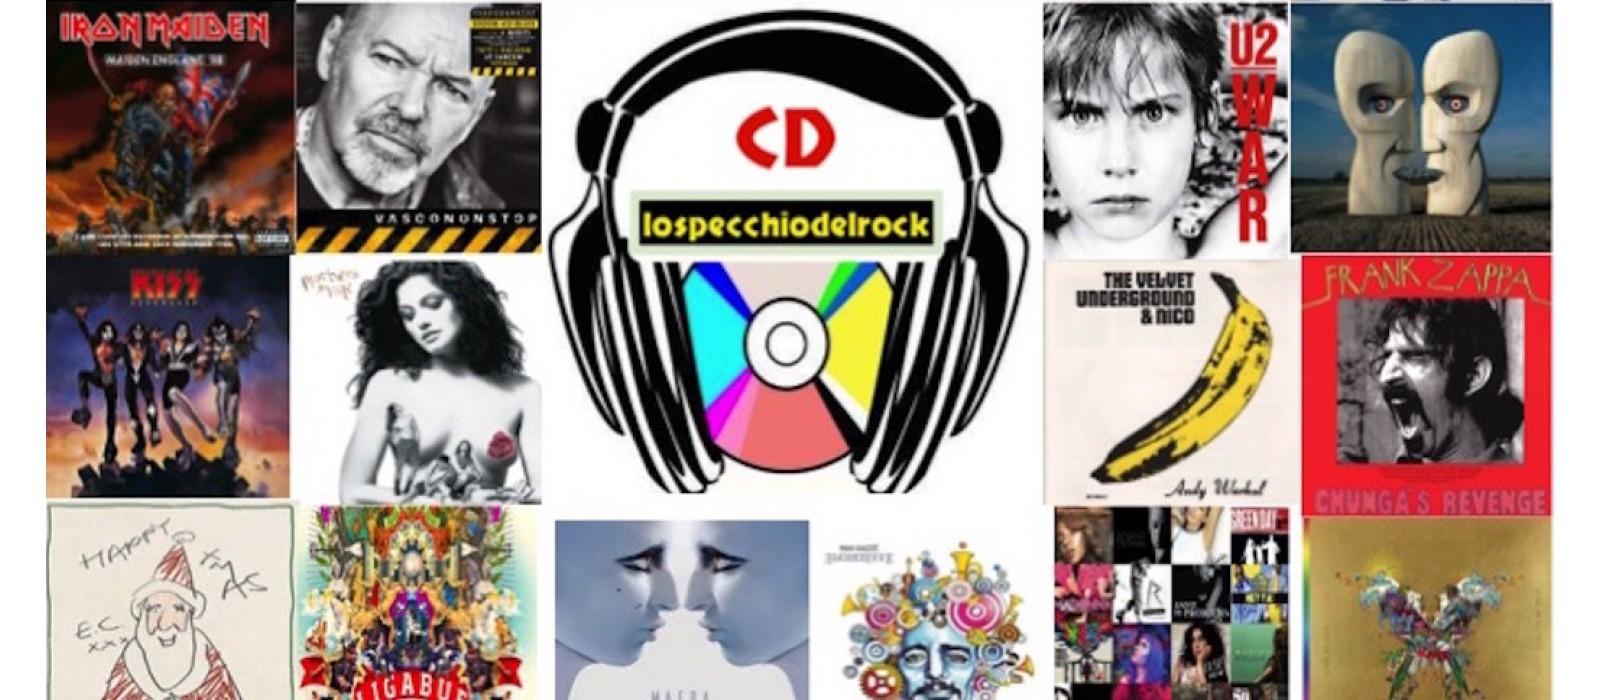 CD - Audio